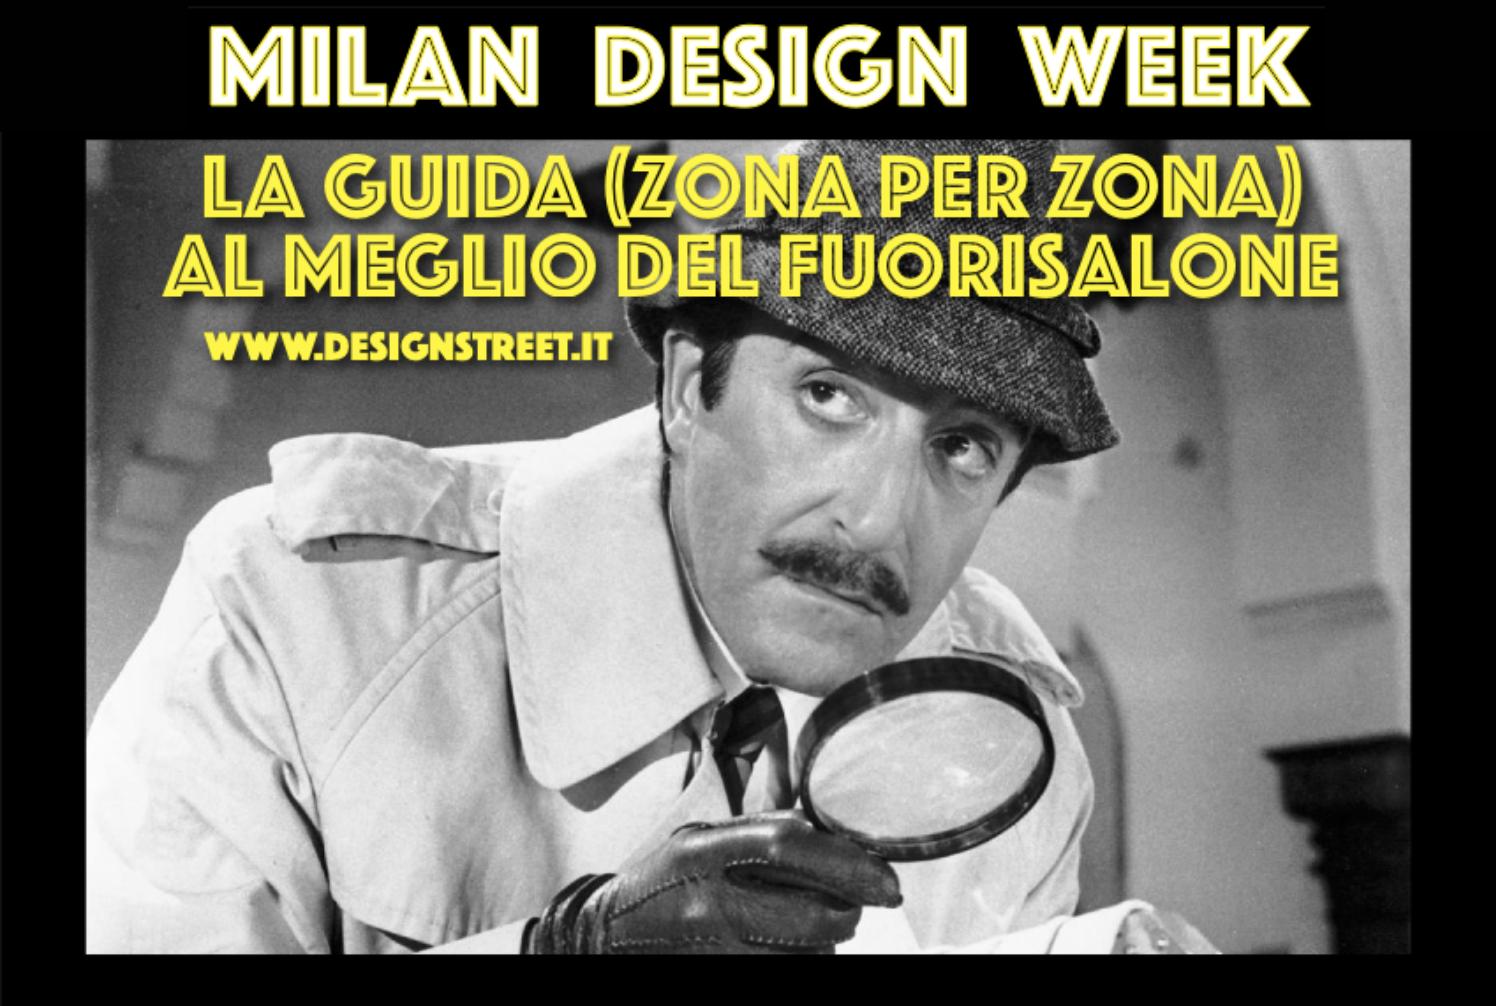 Milano Design Week 2018 - La guida al meglio del Fuorisalone